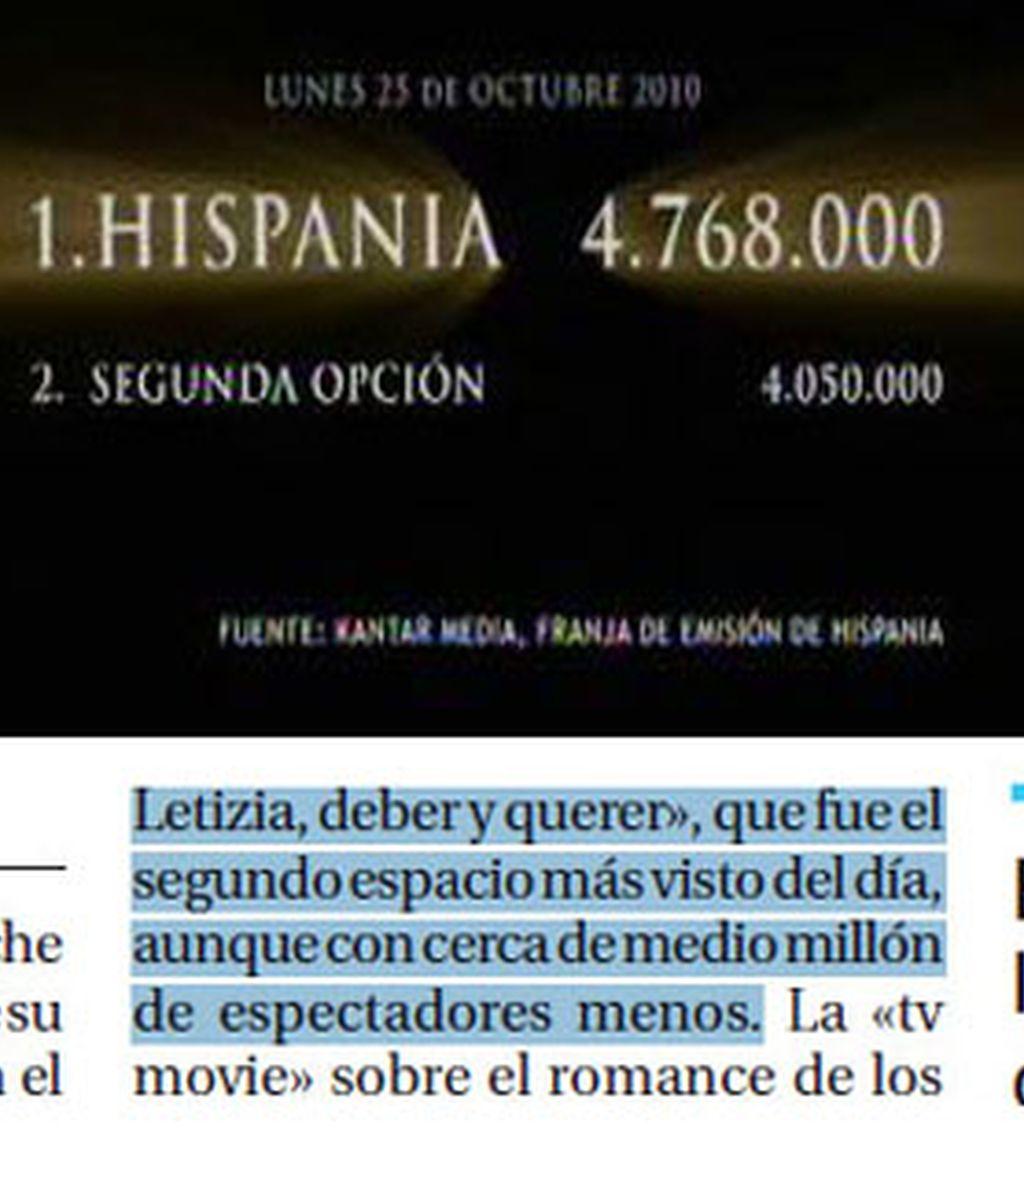 Imagen de la promoción de 'Hispania', y, debajo, su corrección en 'La Razón'.